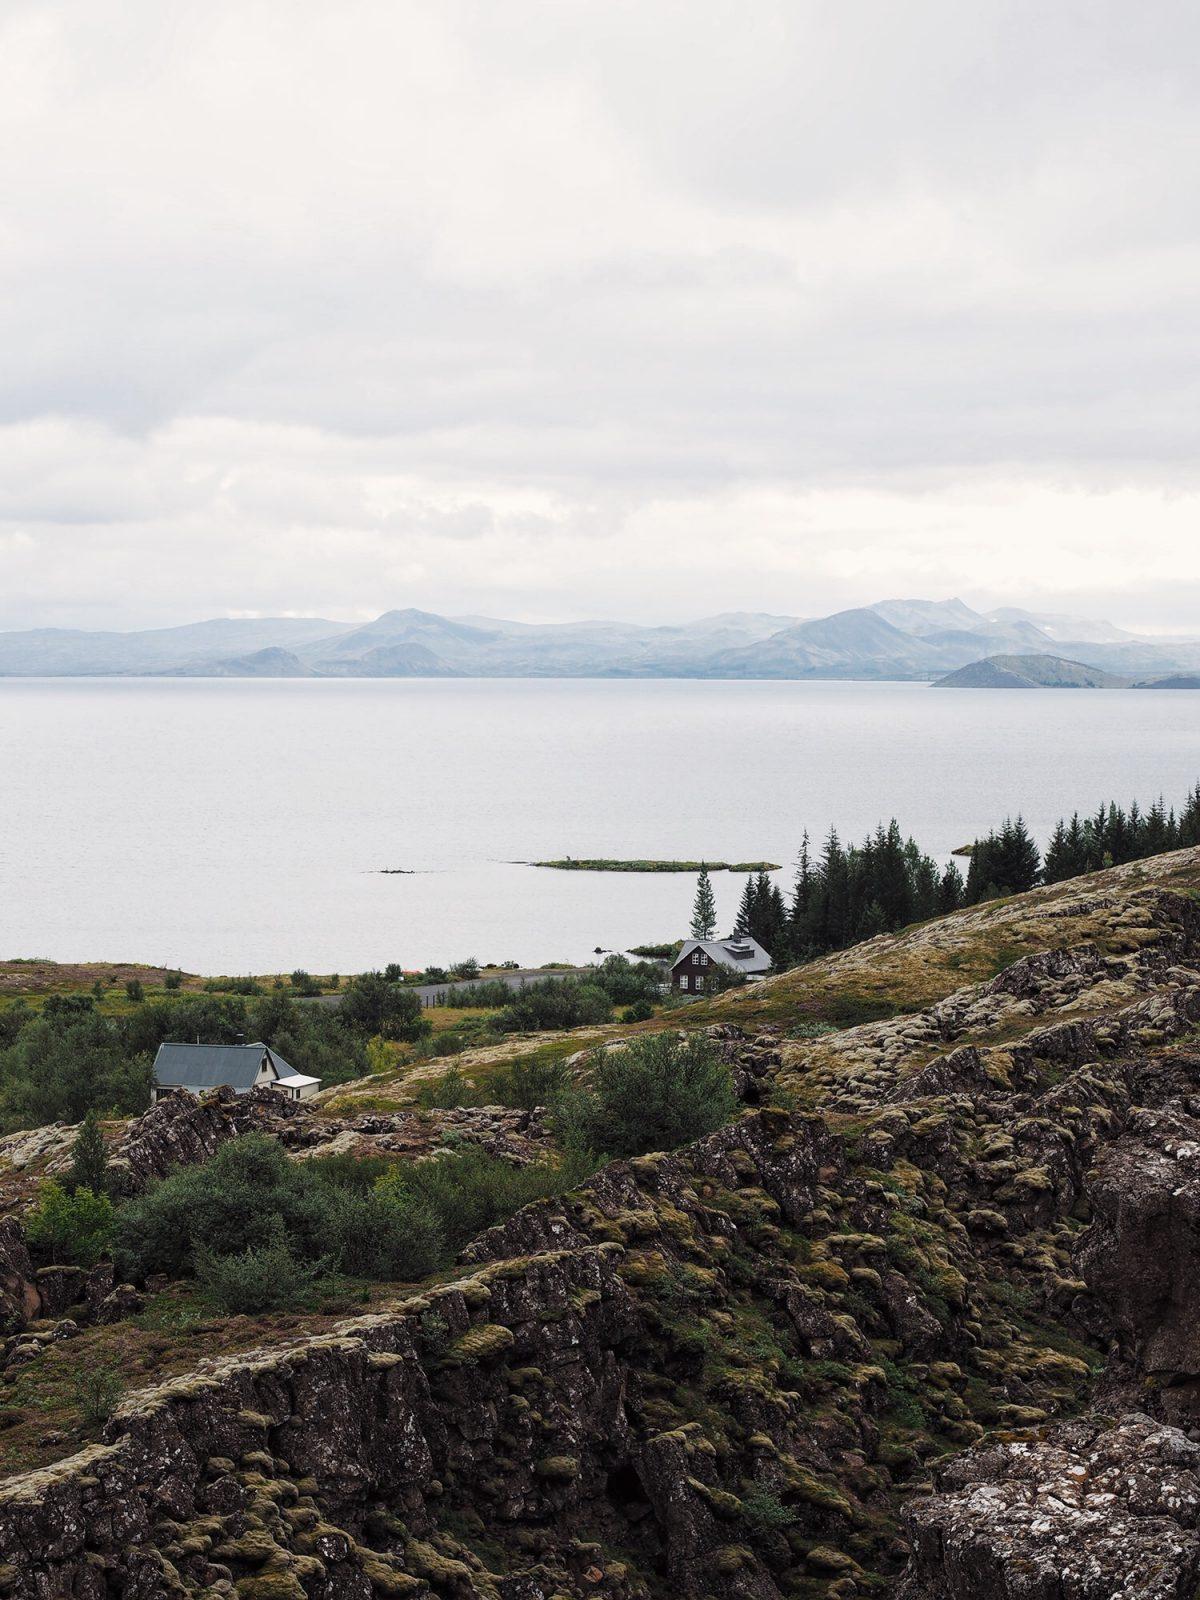 SPOT: Thingvellir National Park